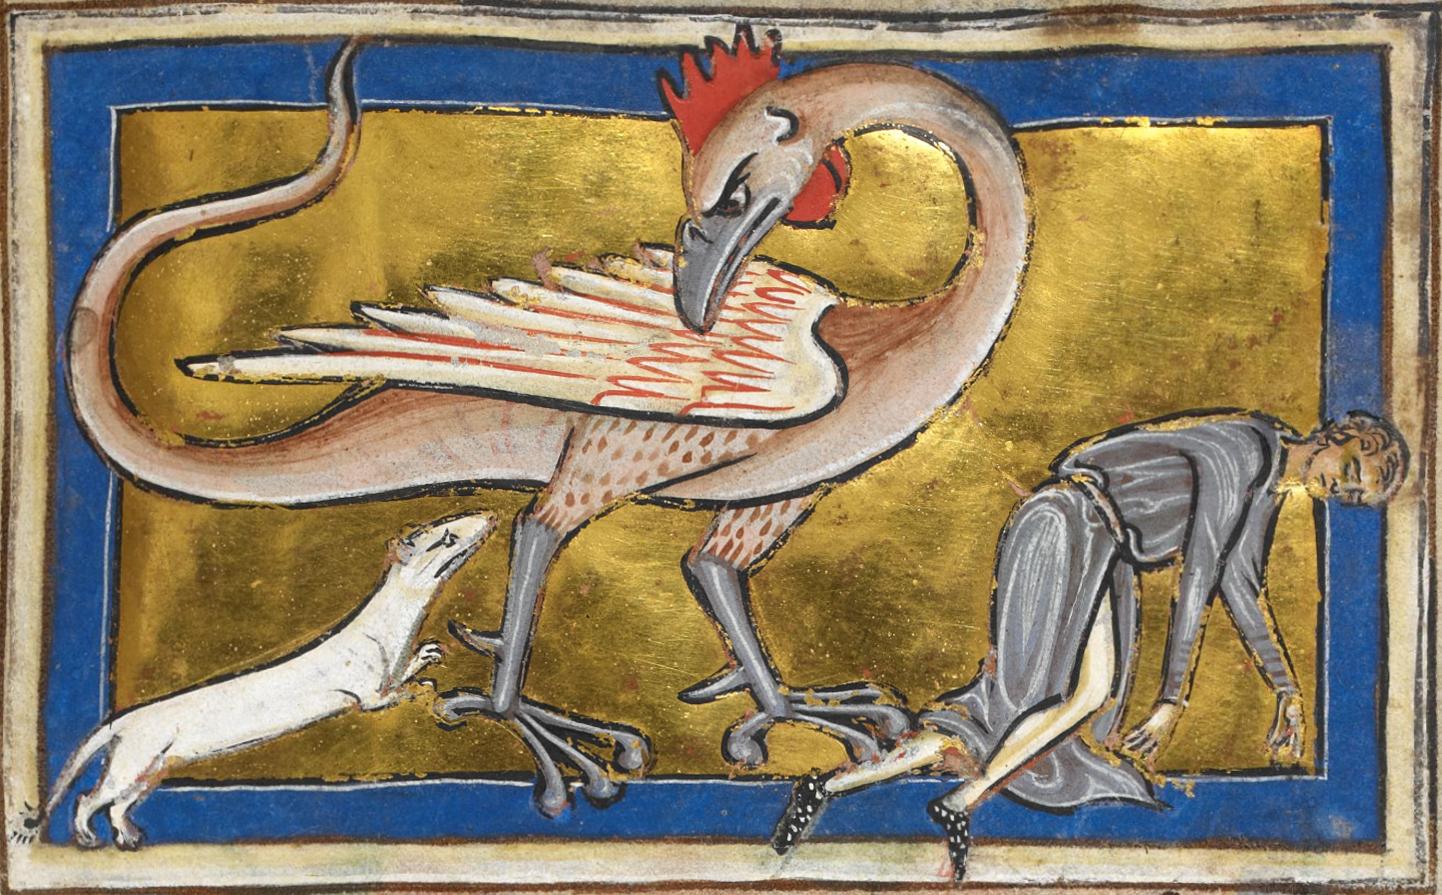 Basilisco, en un Bestiario medieval del siglo XIII.